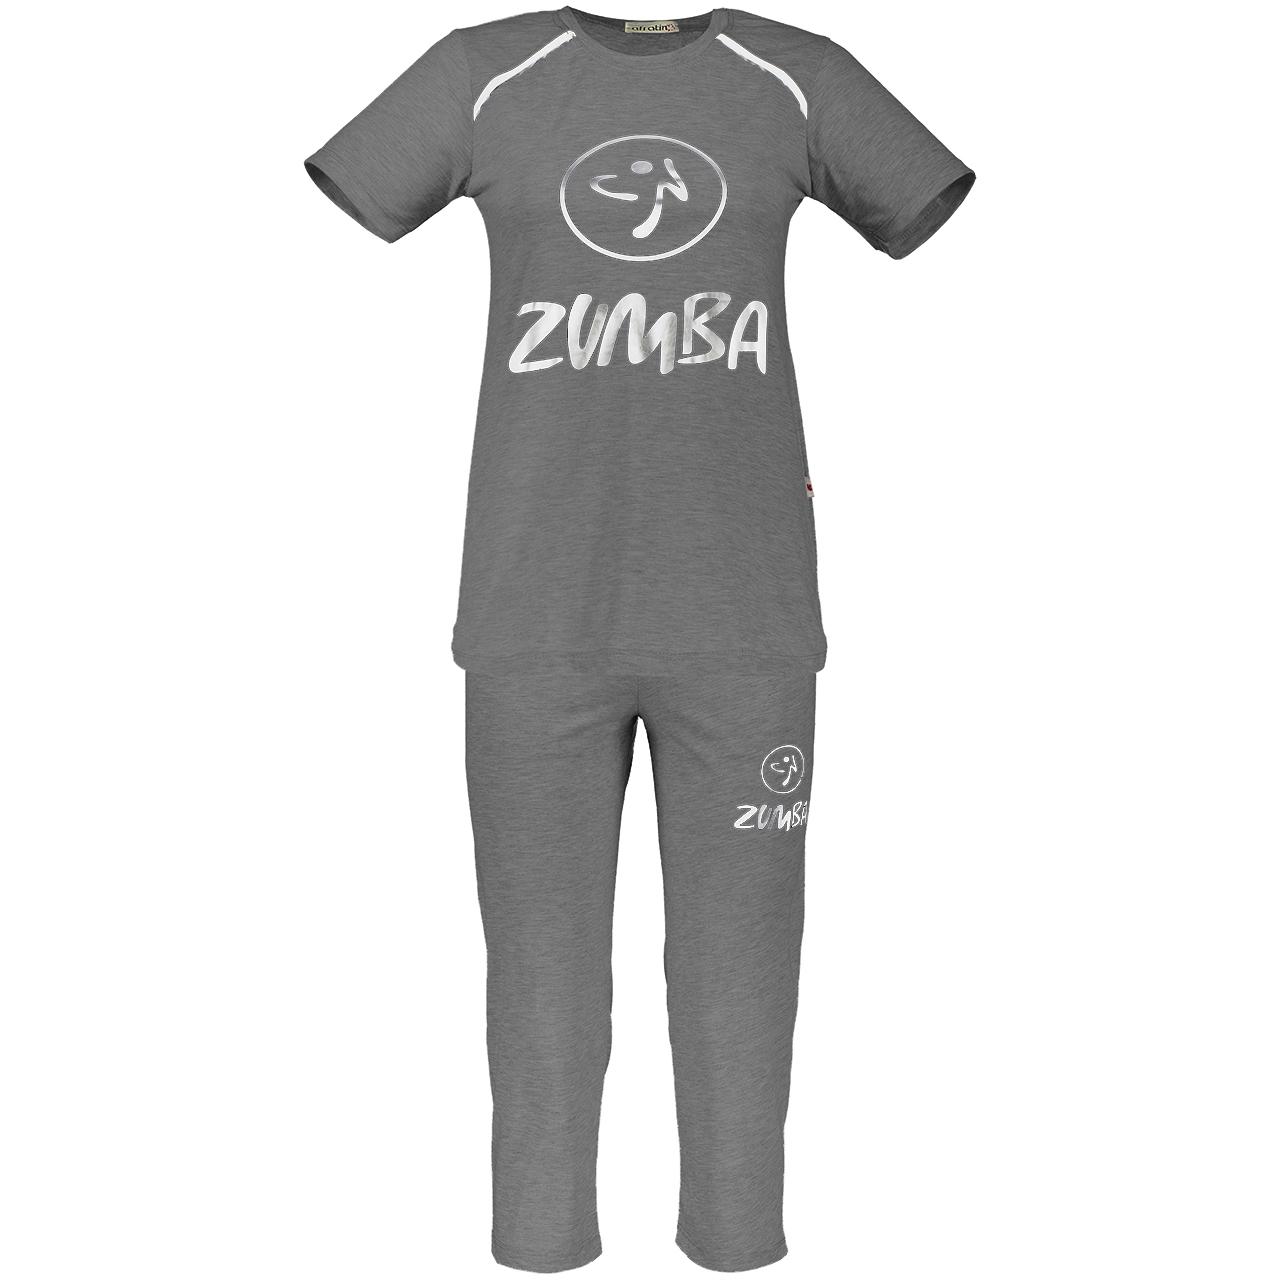 خرید                                      ست تی شرت و شلوار زنانه افراتین مدل 2234 zumba رنگ طوسی تیره